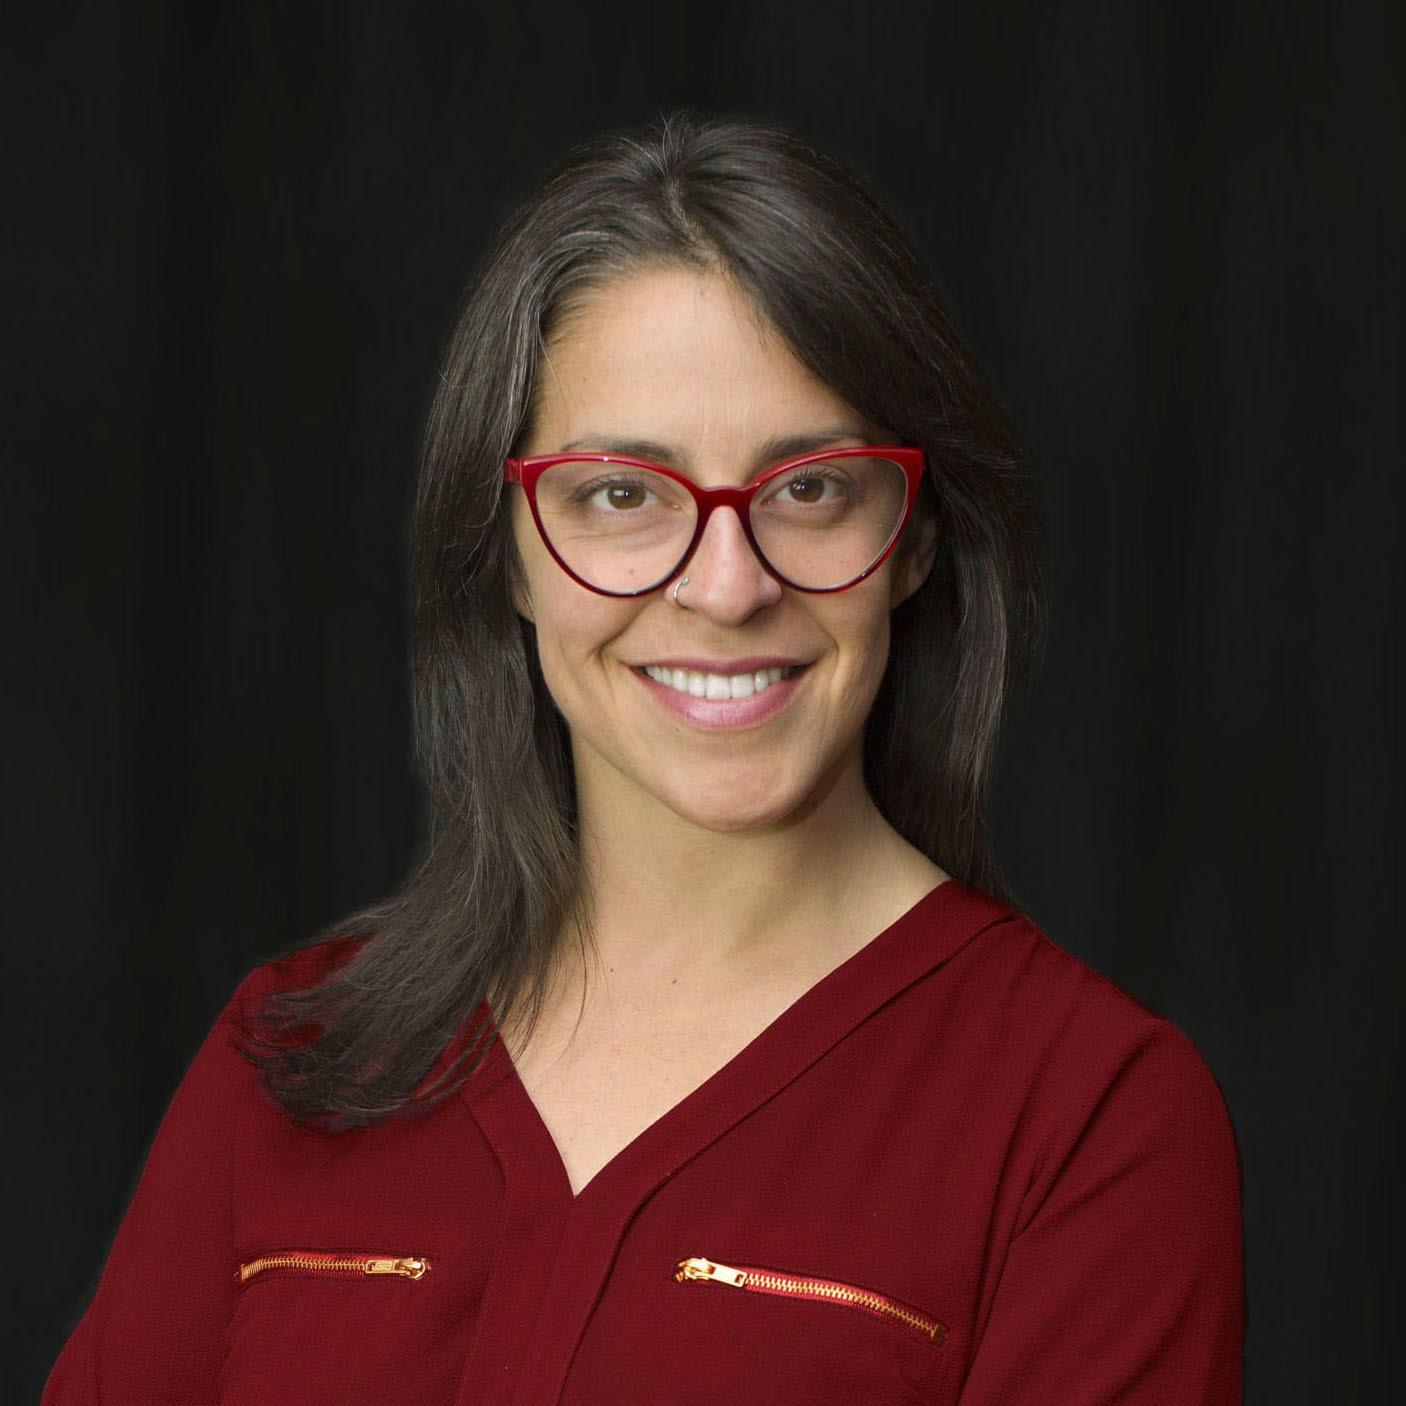 Rebecca Gasca